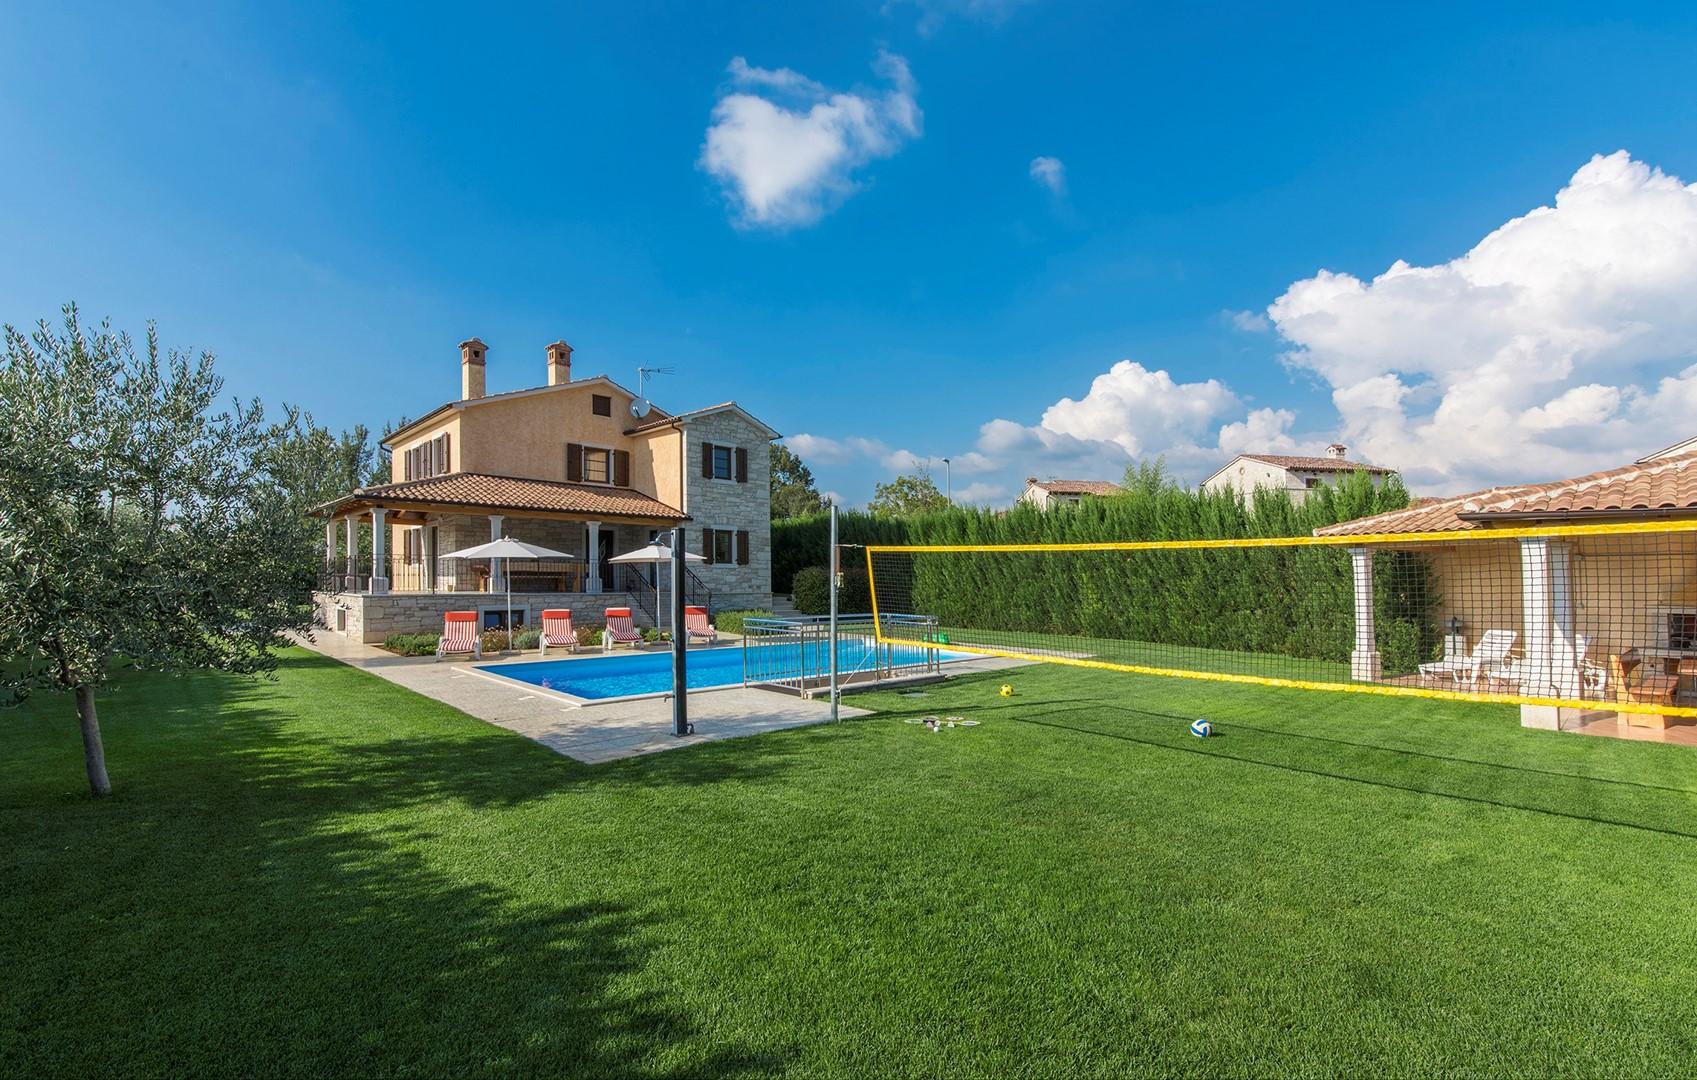 Ferienhaus Geräumige Villa Nikka mit schönem Garten und Pool (1412592), Kanfanar, , Istrien, Kroatien, Bild 31